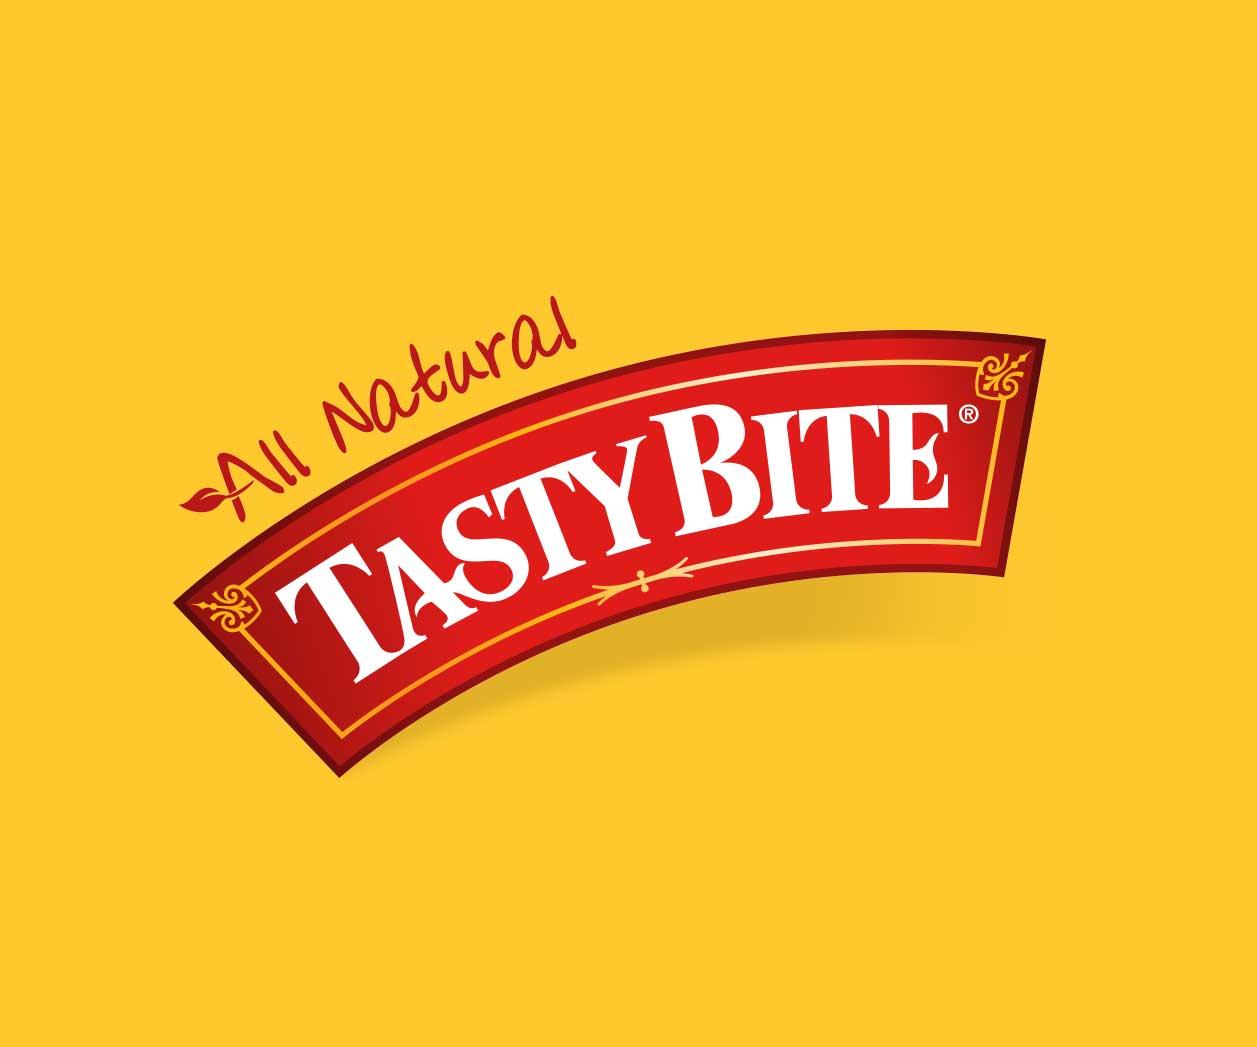 Tasty Bite